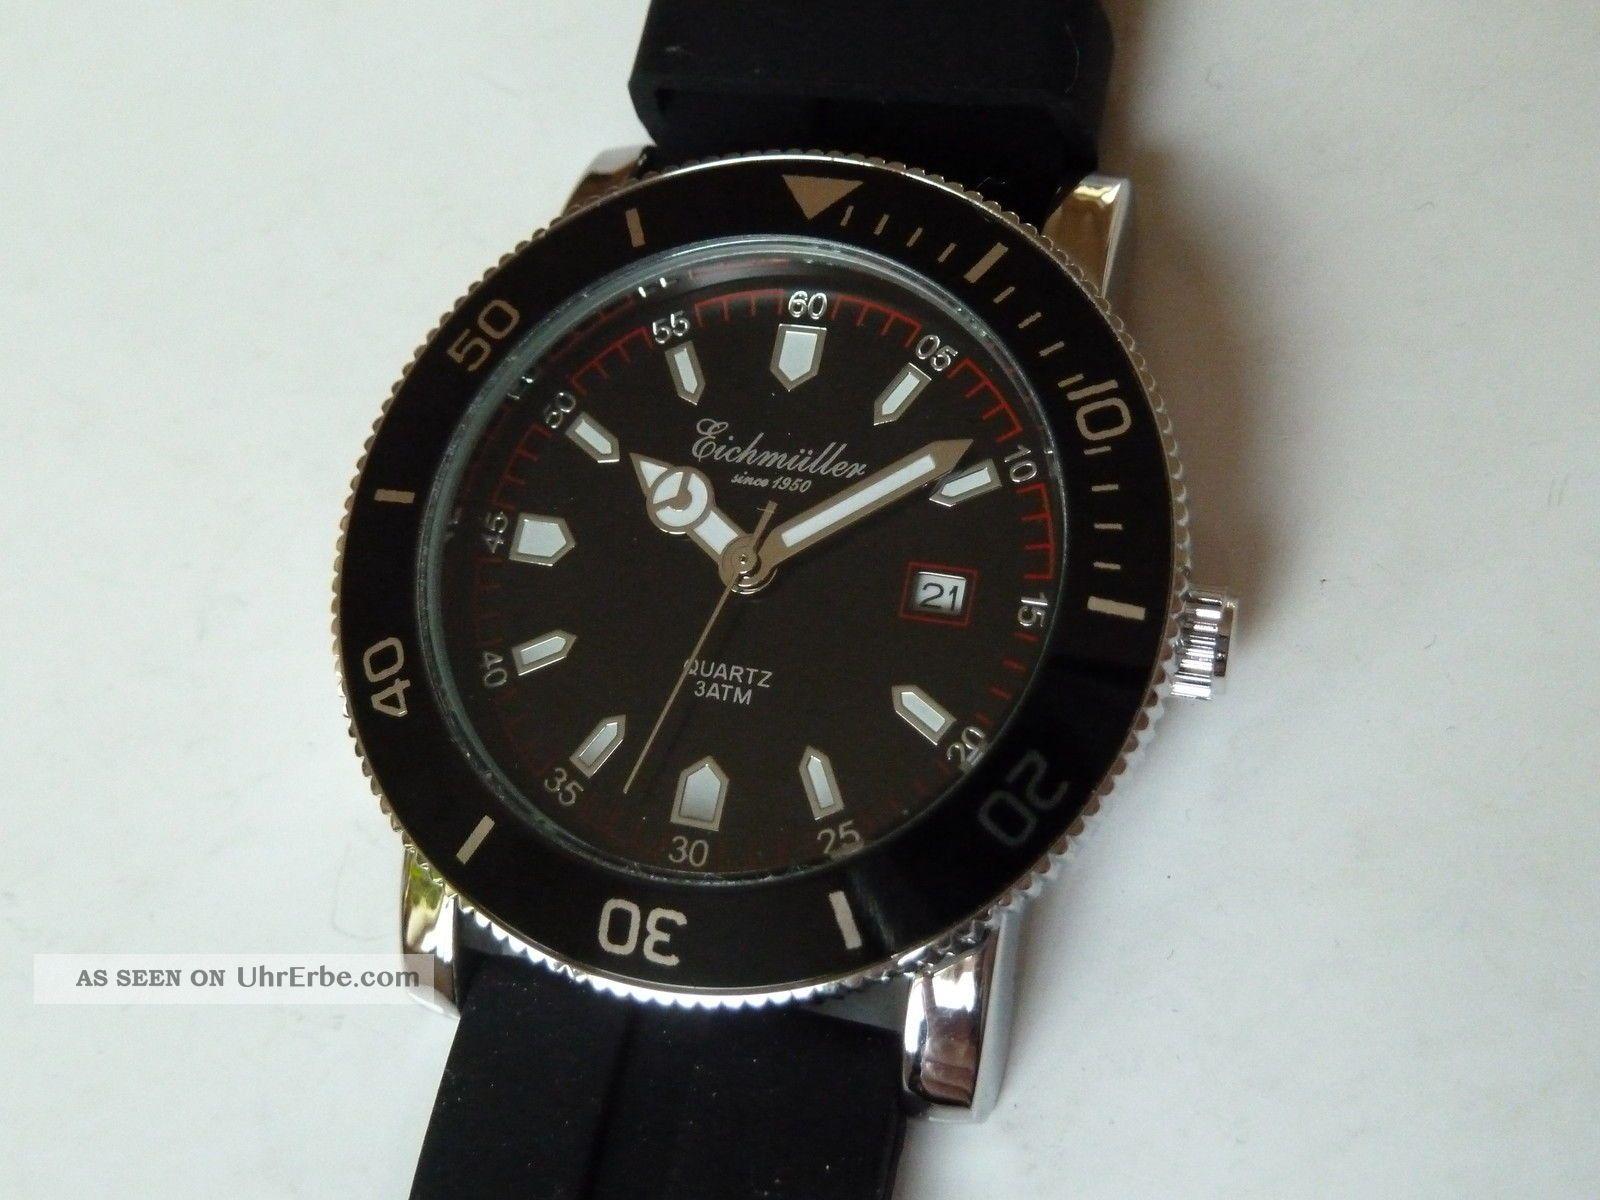 Black Edition Edelstahl Analoguhr Mit Citizen Miyota Werk Von Eichmüller 3bar Armbanduhren Bild